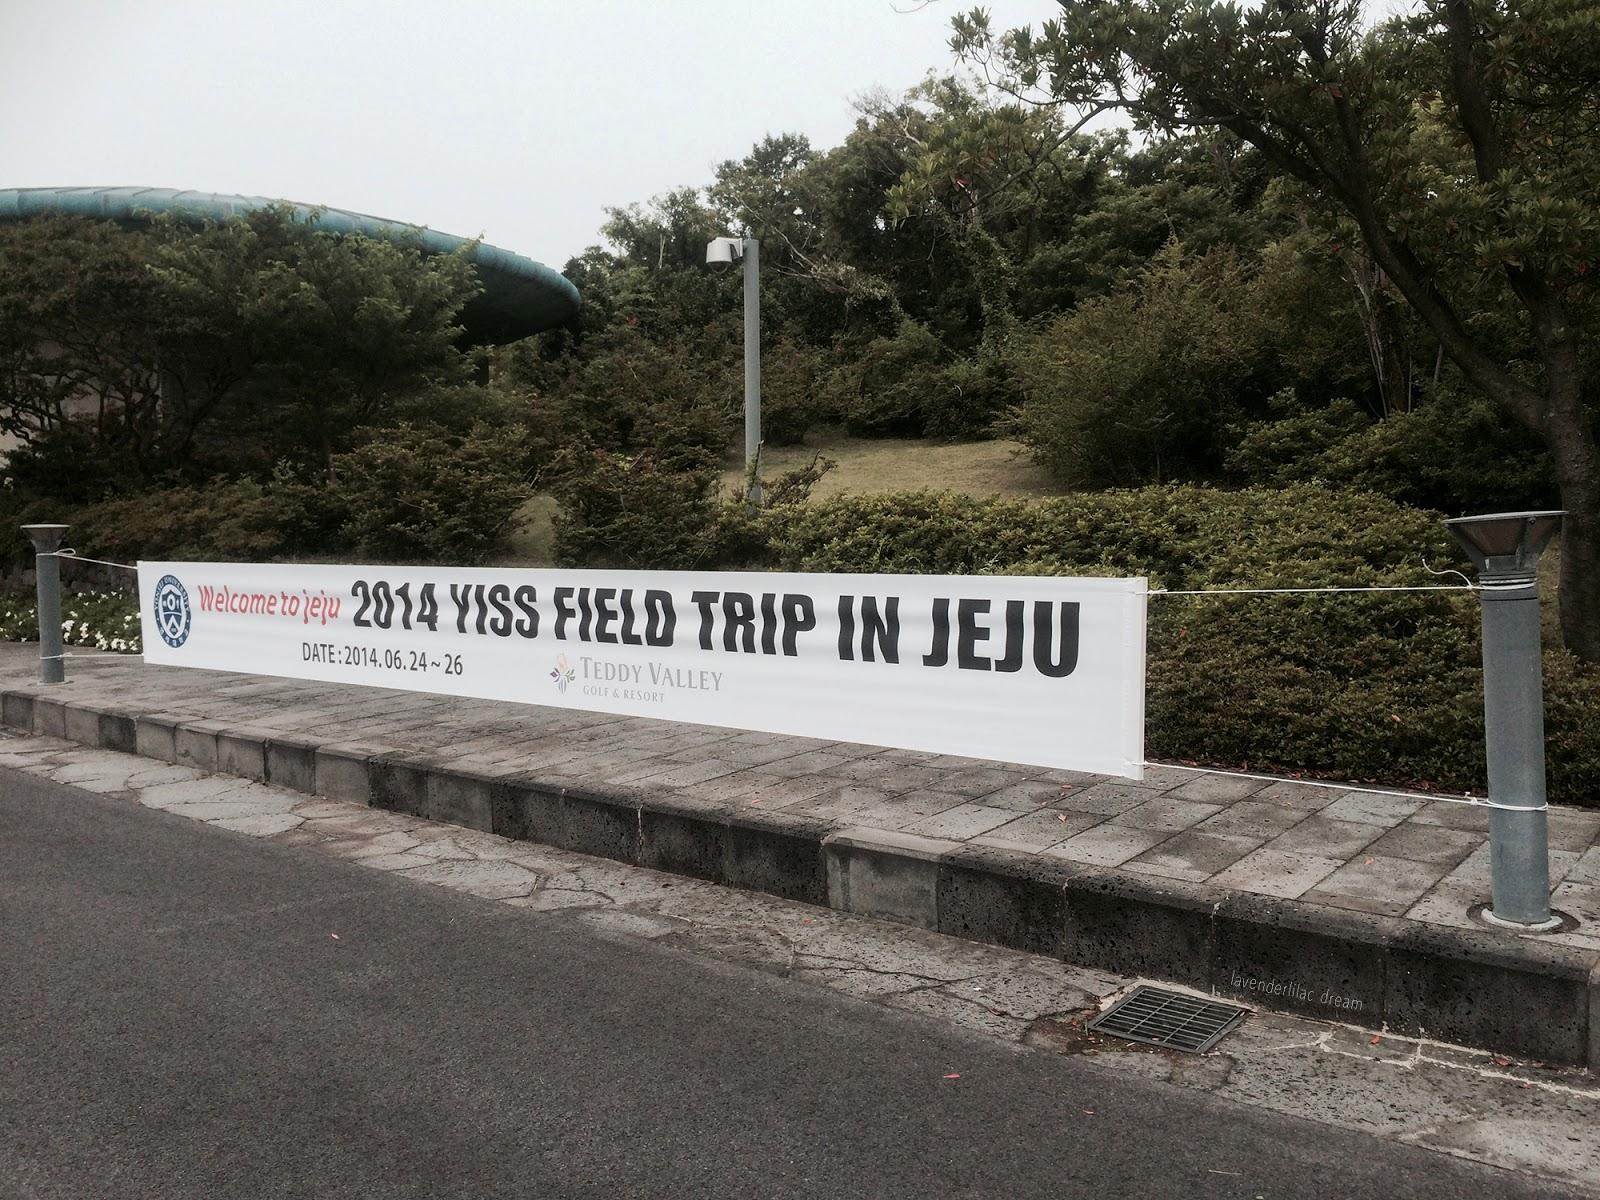 South Korea, Jeju Island, Yonsei University, YISS 2014